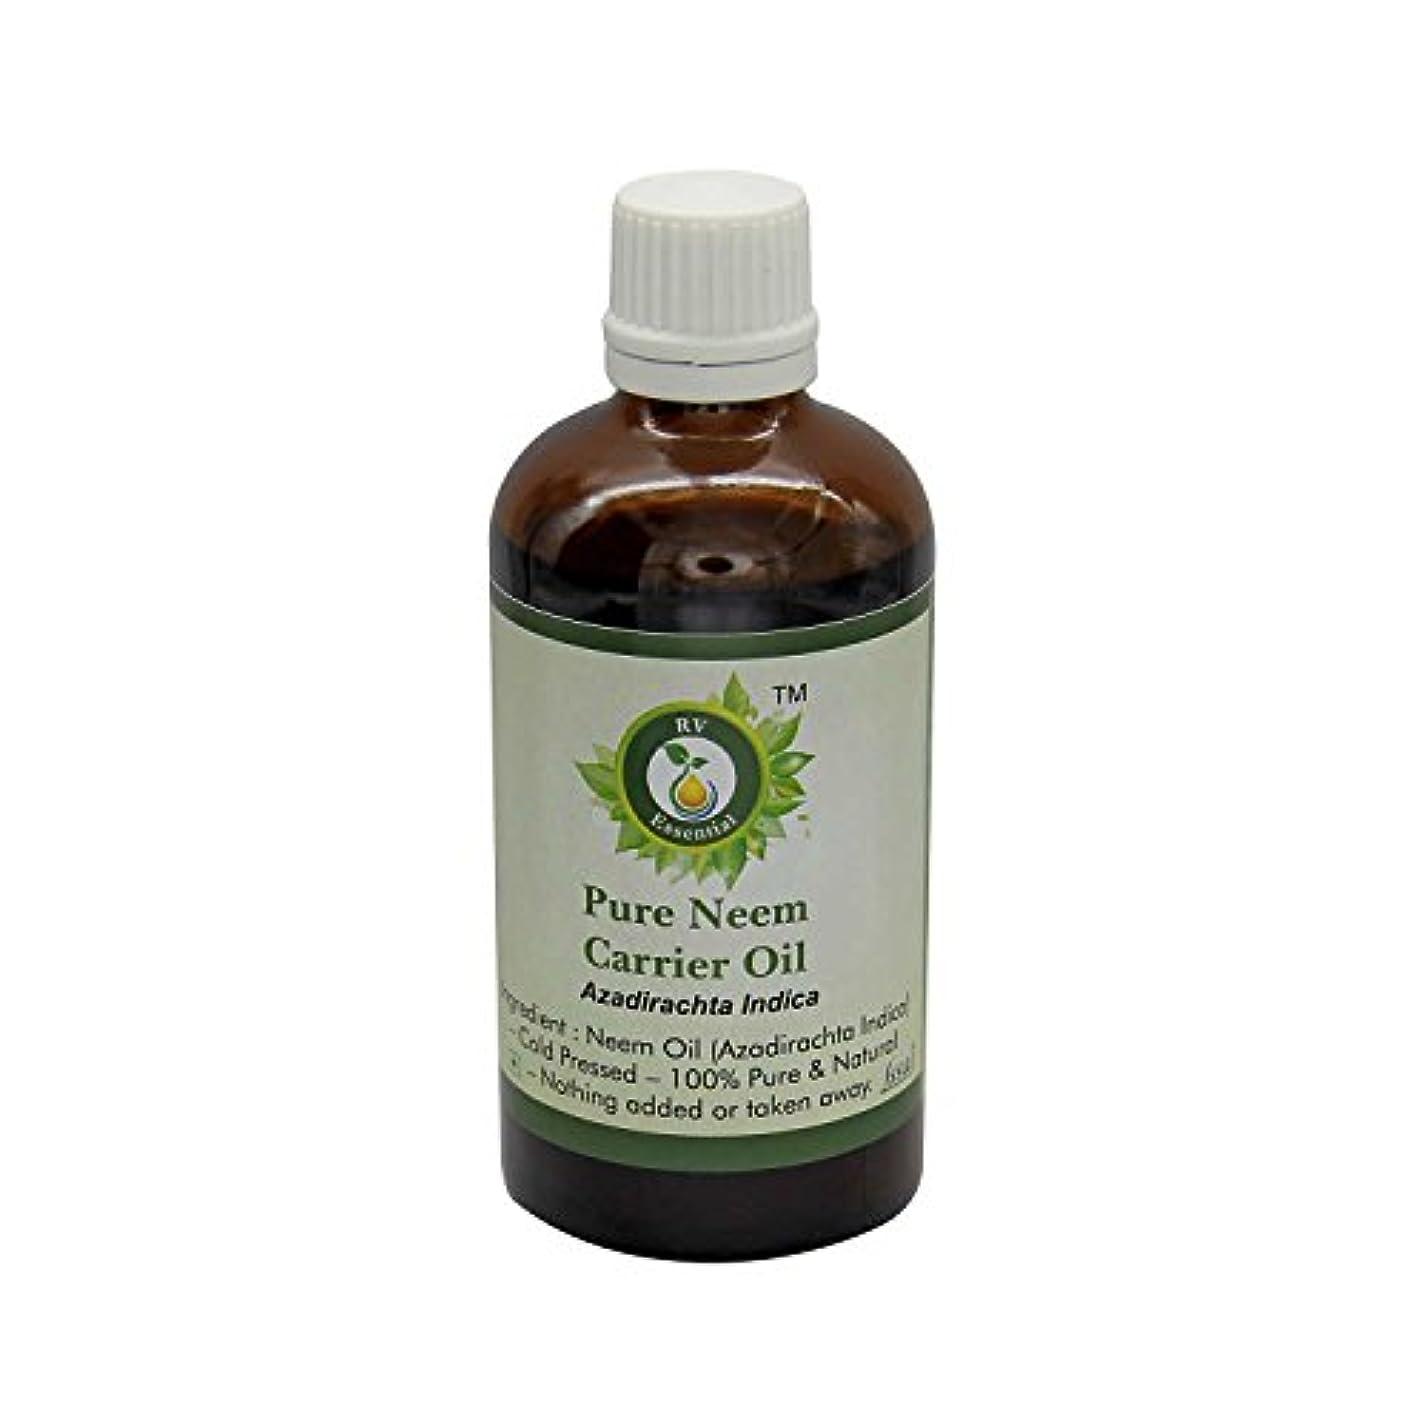 真向こうこれまで毎月R V Essential 純Neemキャリアオイル15ml (0.507oz)- Azadirachta Indica (100%ピュア&ナチュラルコールドPressed) Pure Neem Carrier Oil